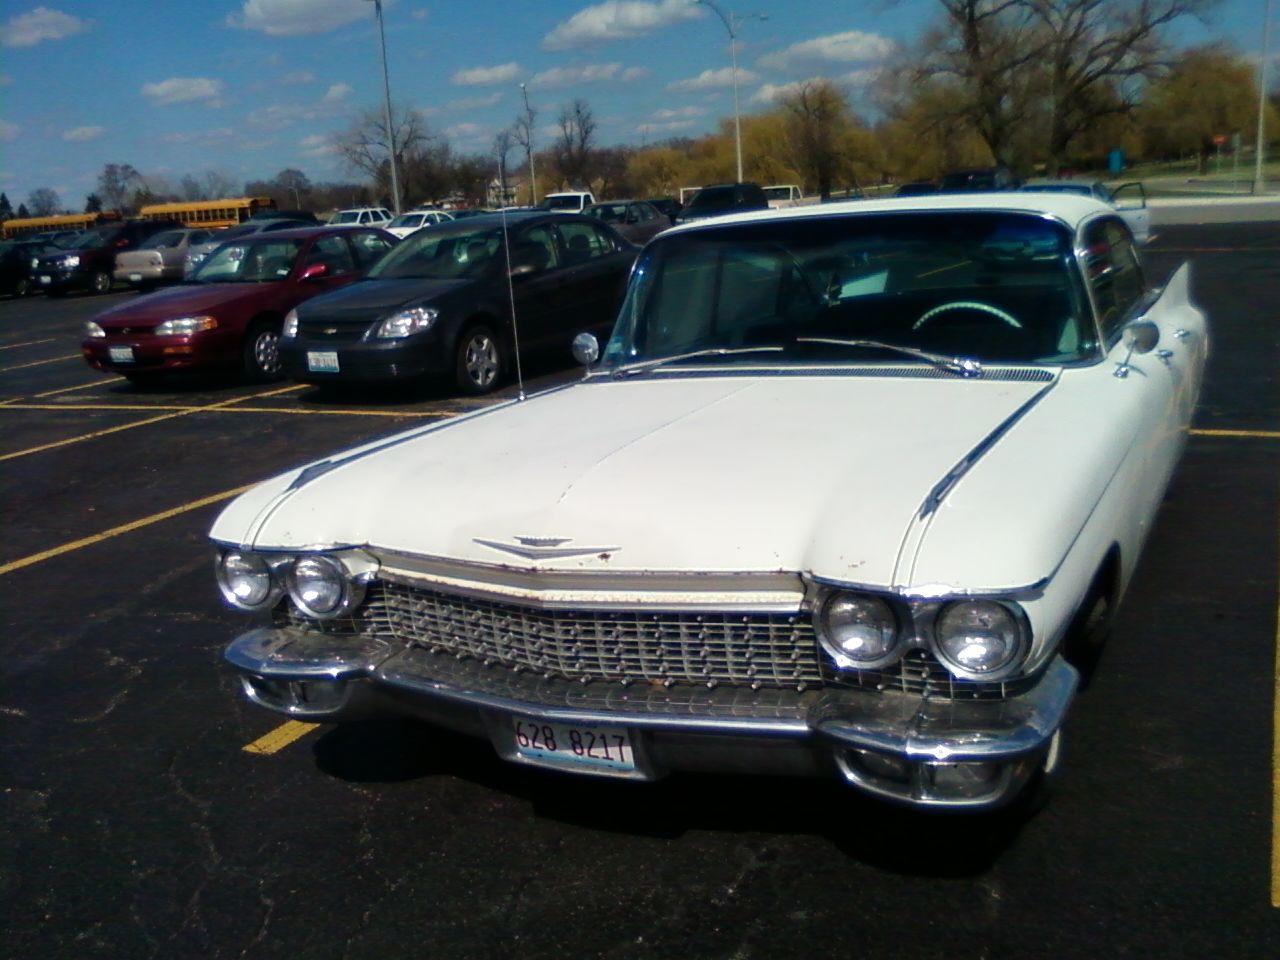 60 Cadillac at Willowbrook HS